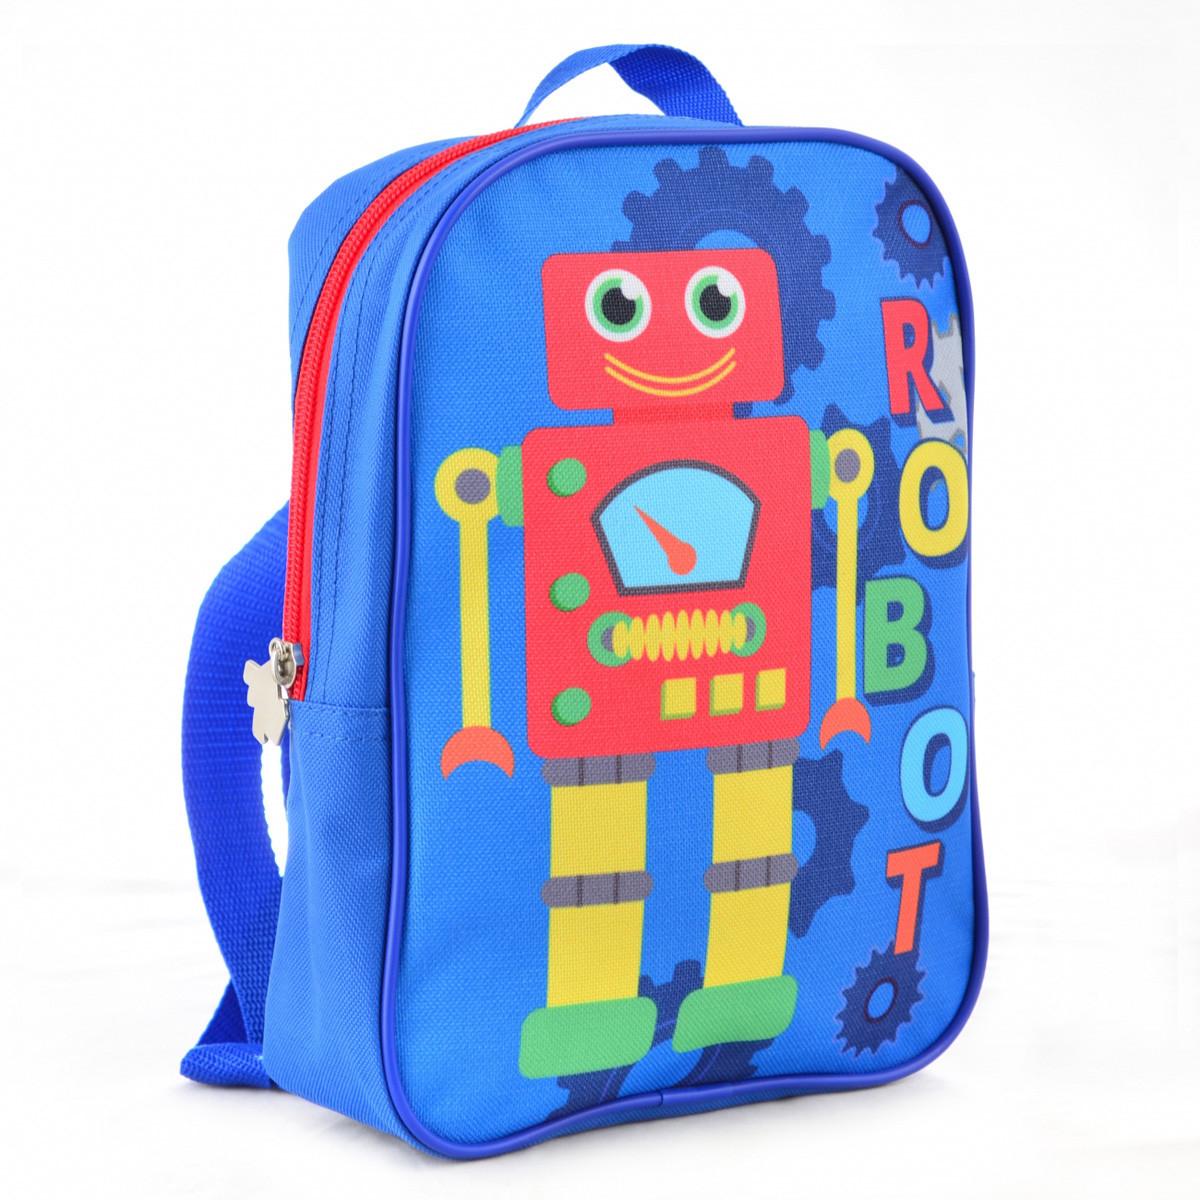 Рюкзак детский YES K-18 Robot, 24.5*17*6 код: 554750